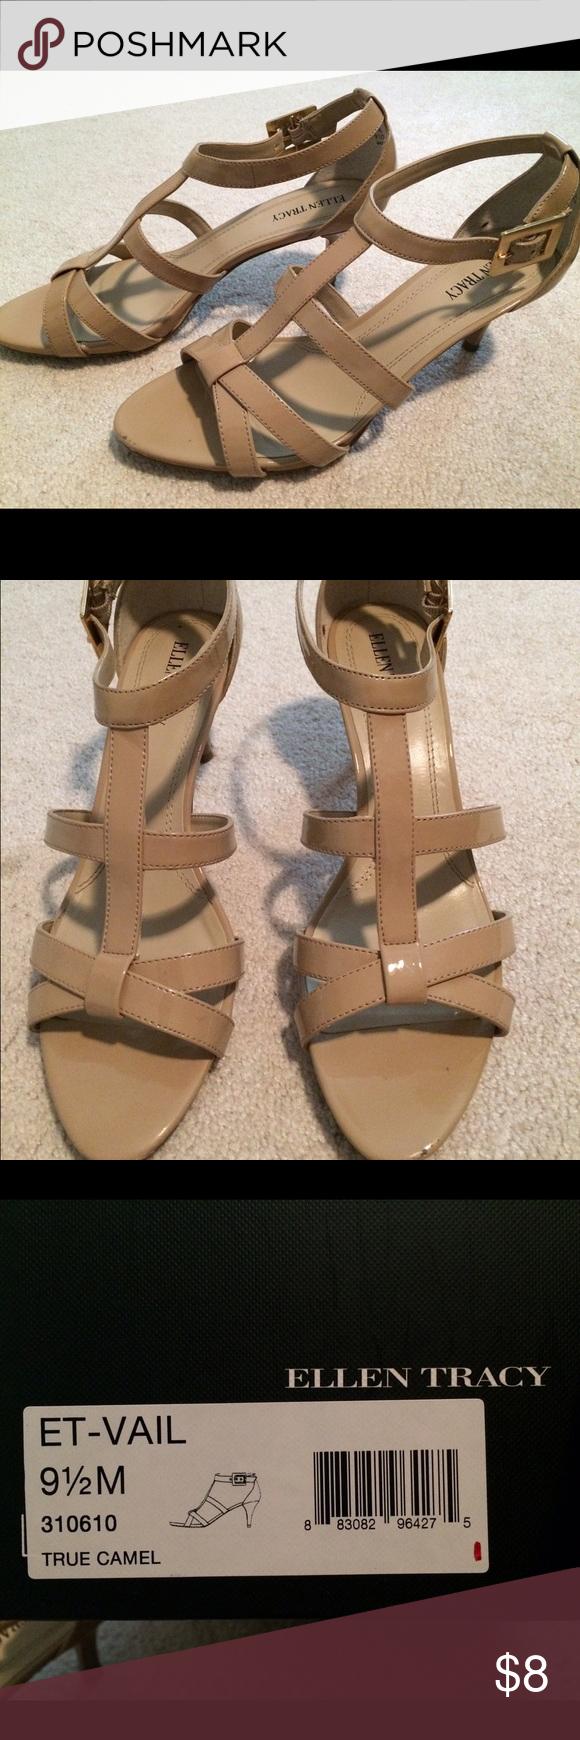 Ellen Tracy shoes Size 9.5 Ellen Tracy heels, camel color, 2.5 in heel. Ellen Tracy Shoes Heels